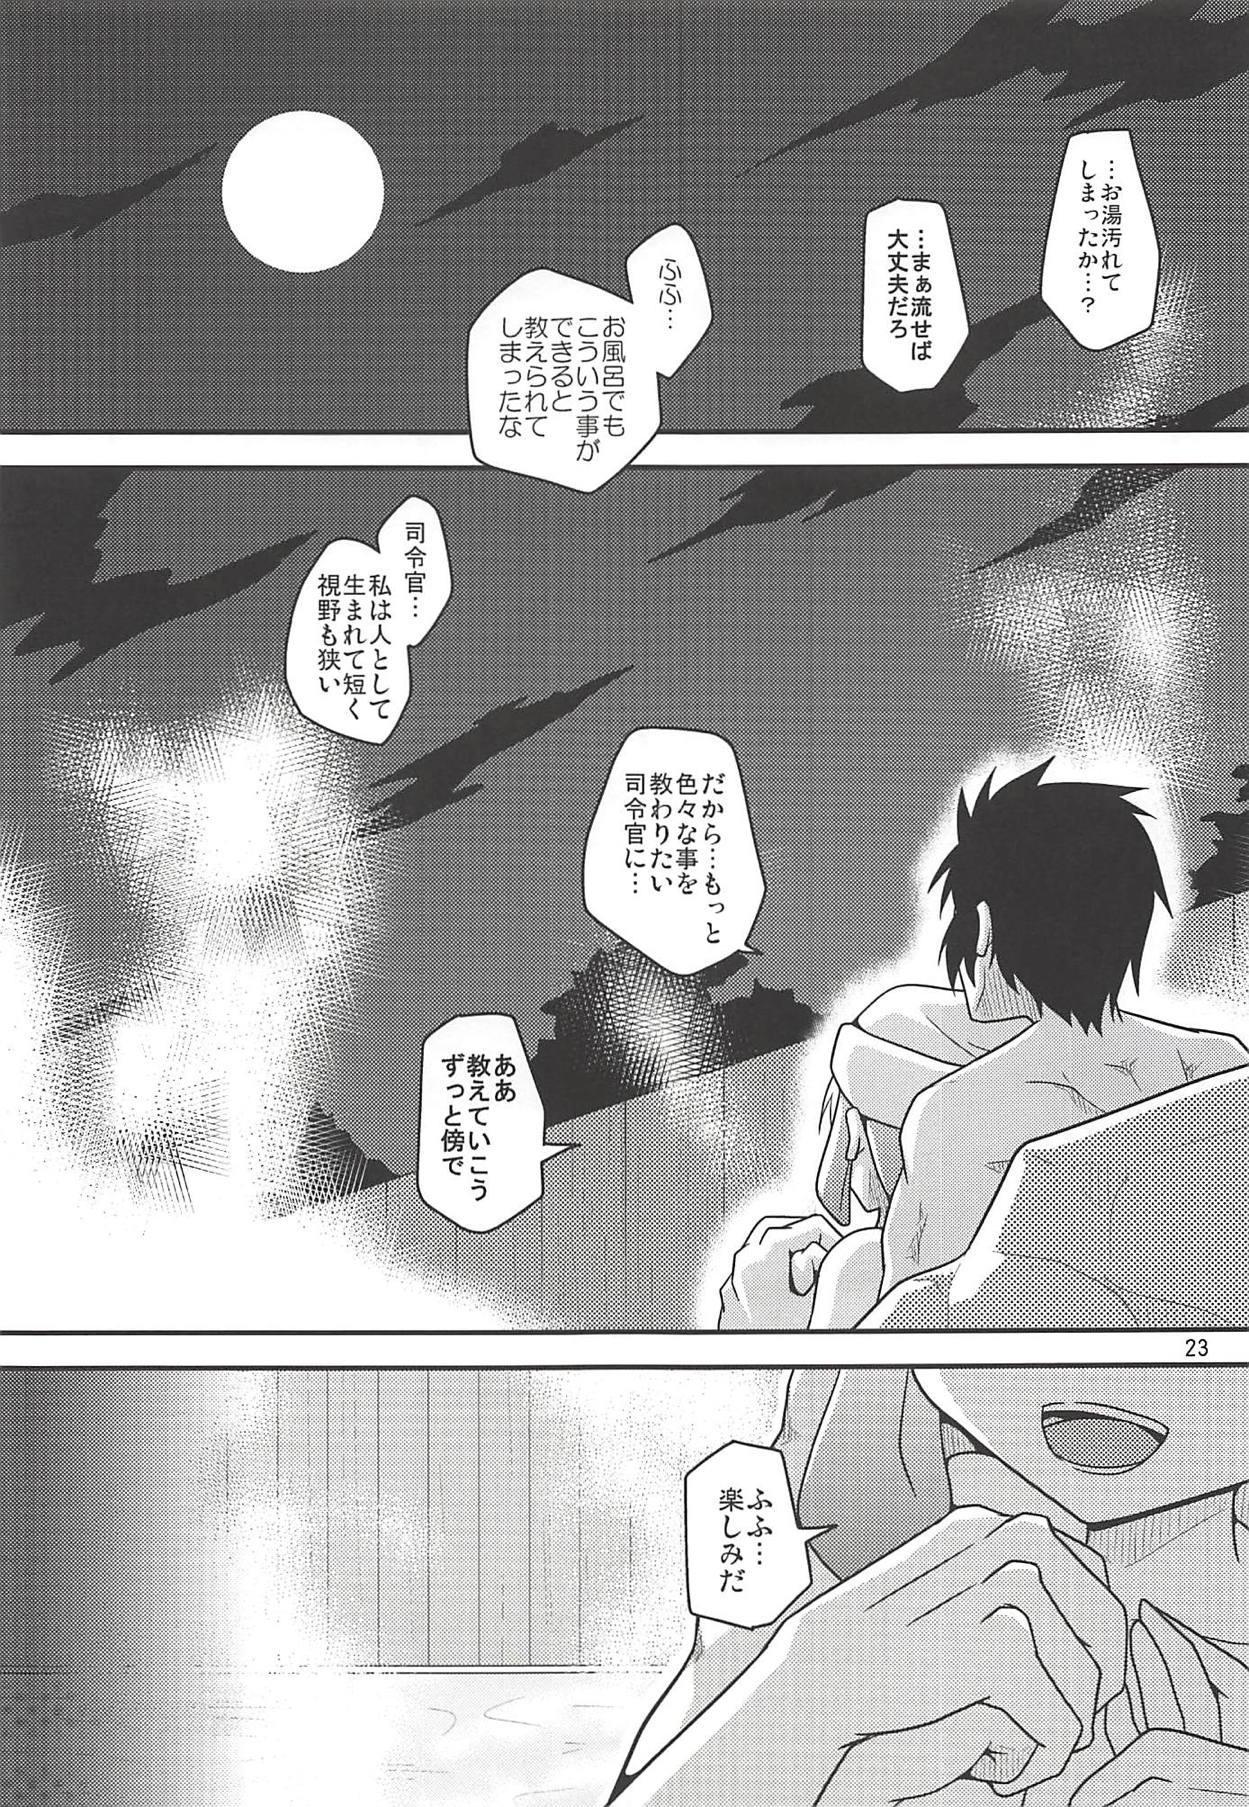 Hajimete no Kaisuiyoku 23